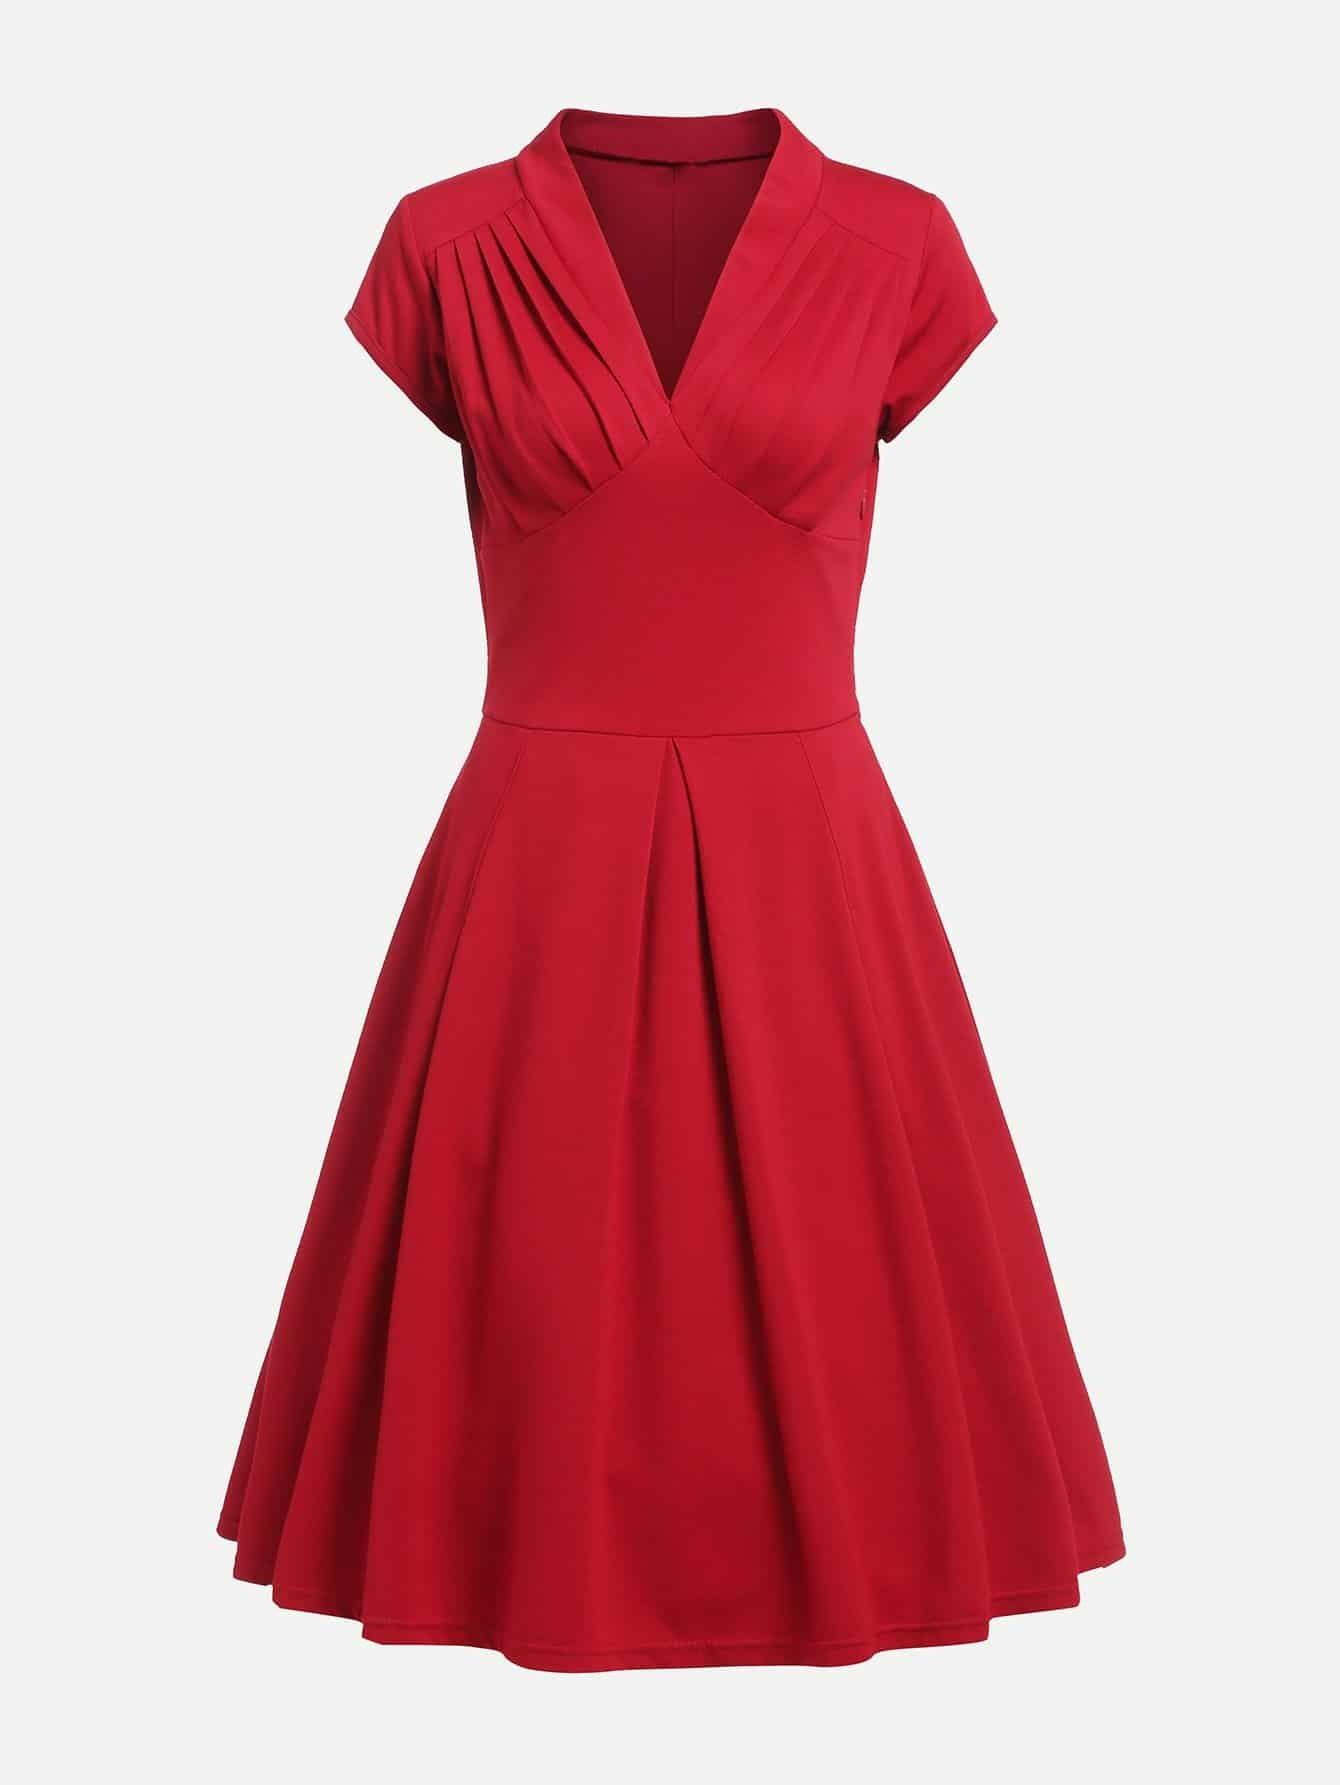 Купить Платье с v-образным воротником плиссированное, null, SheIn